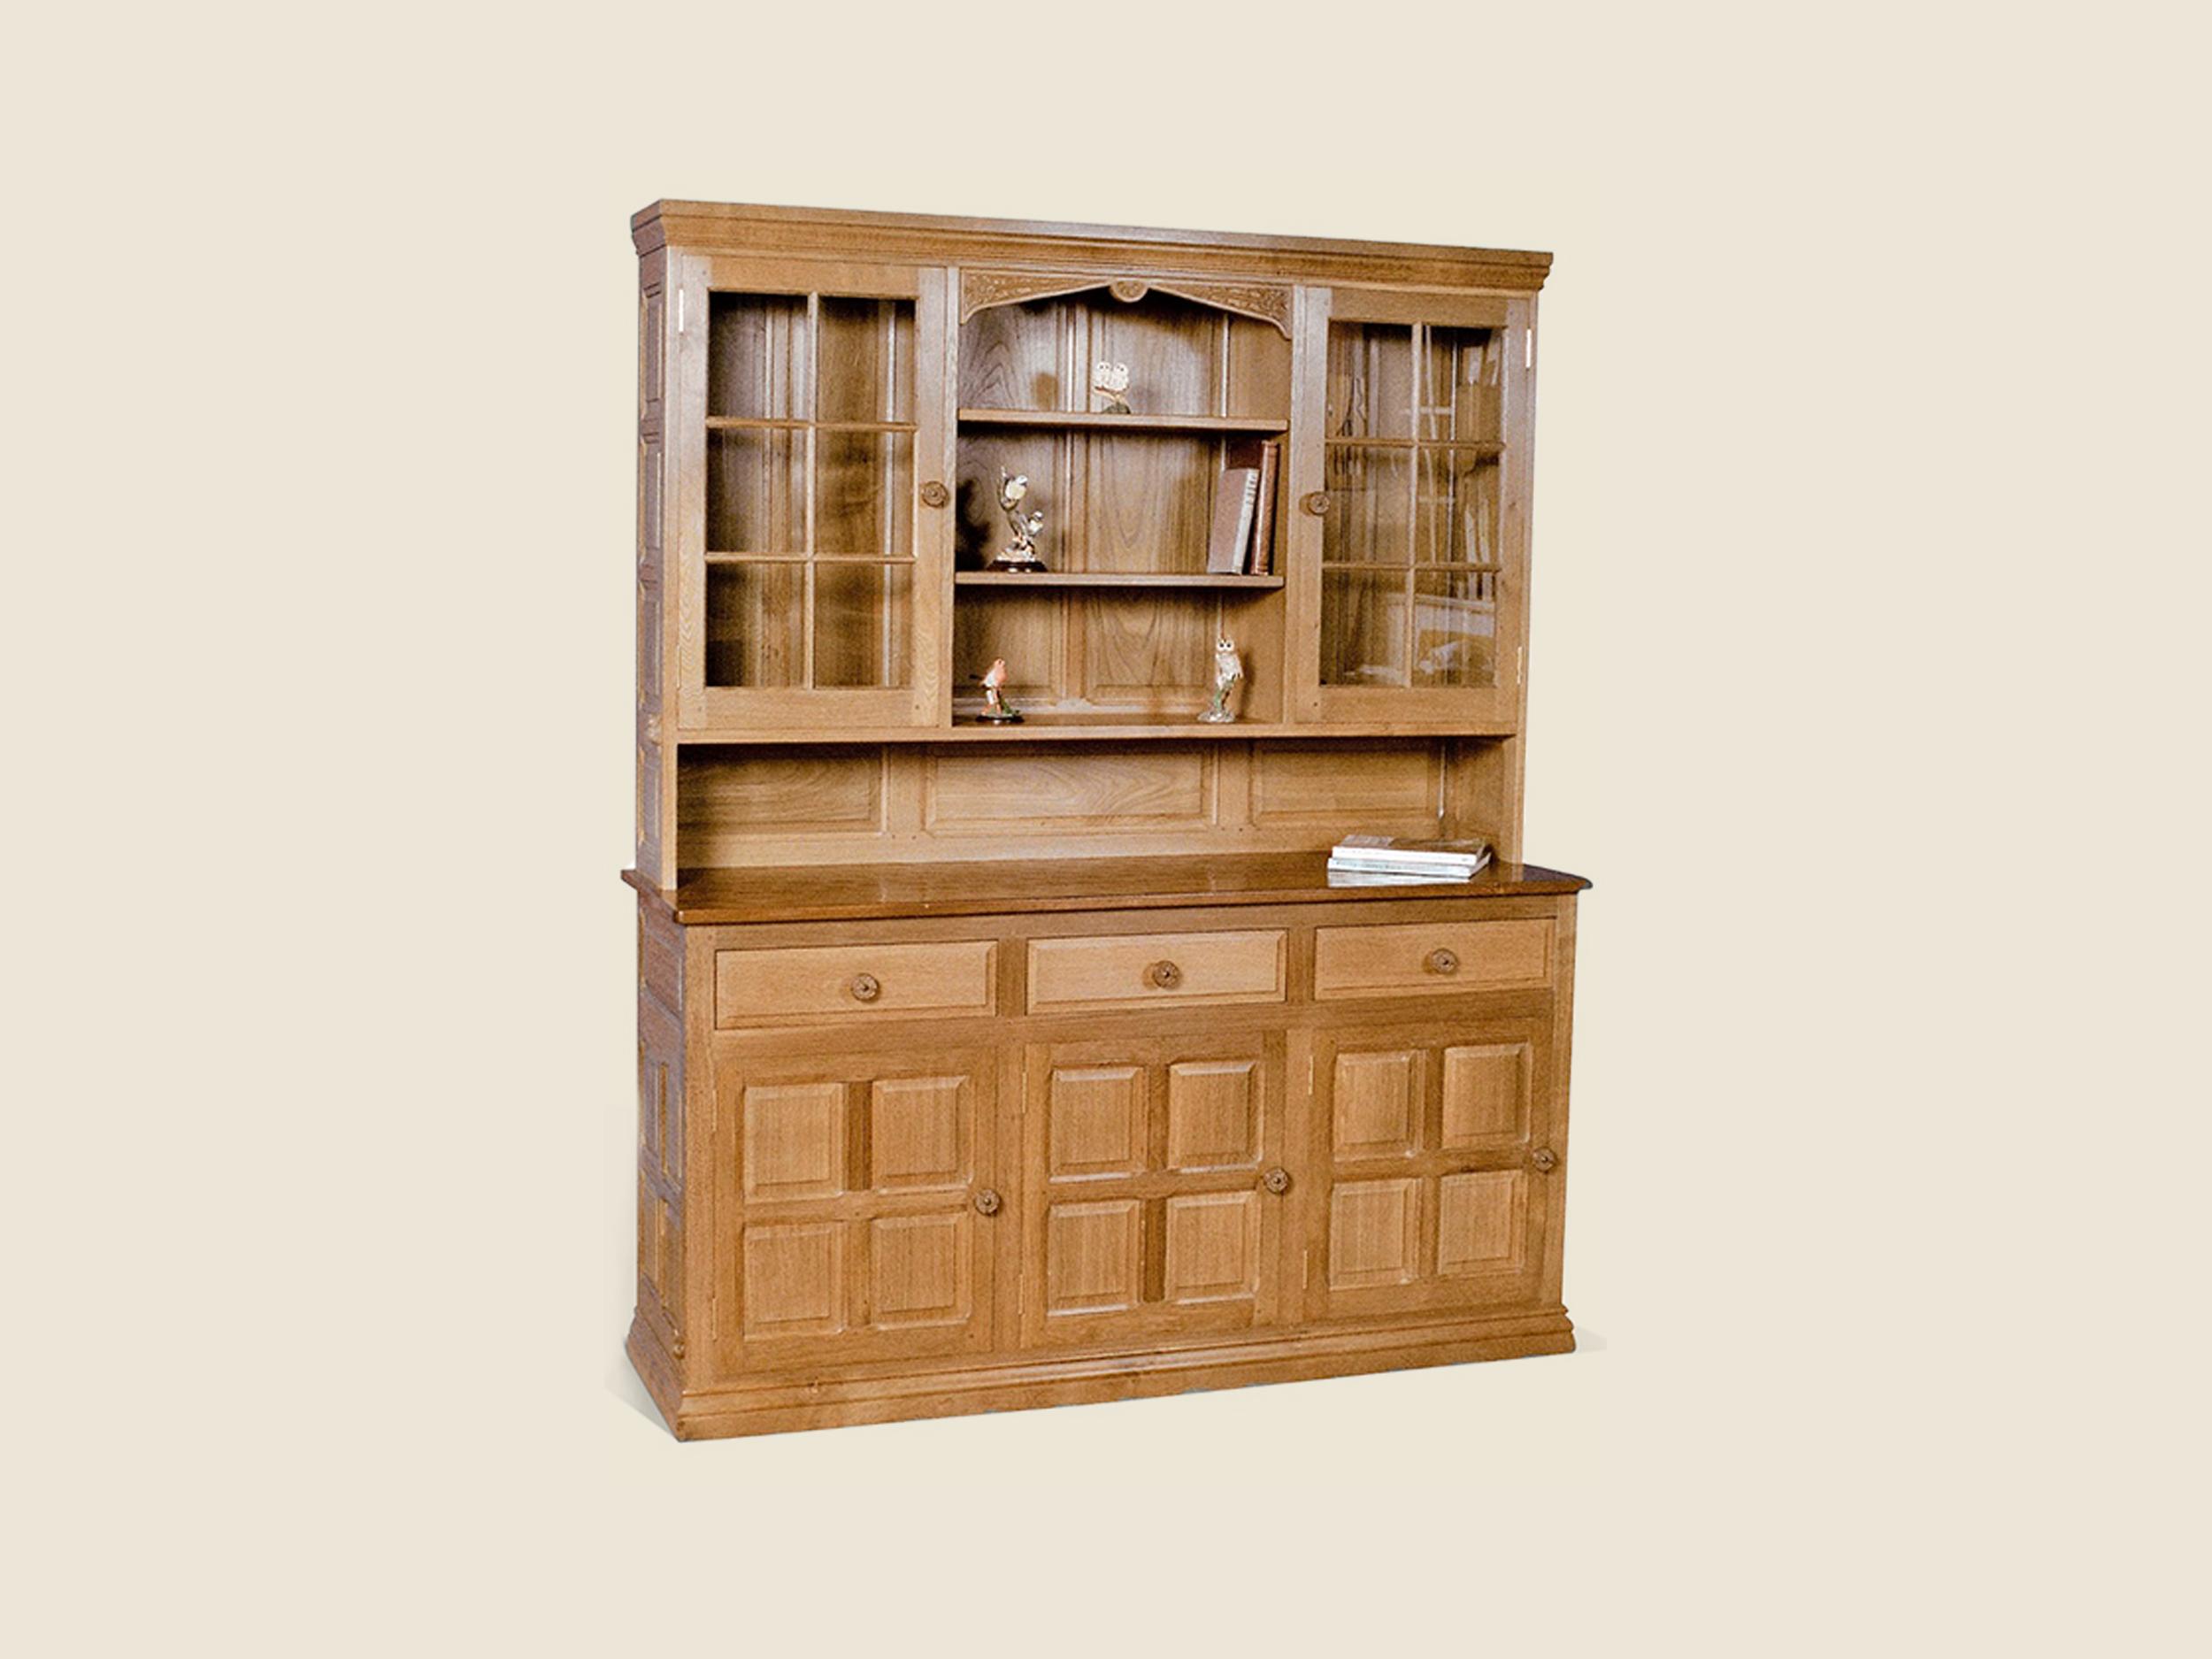 bf401_traditional_oak_dresser.png